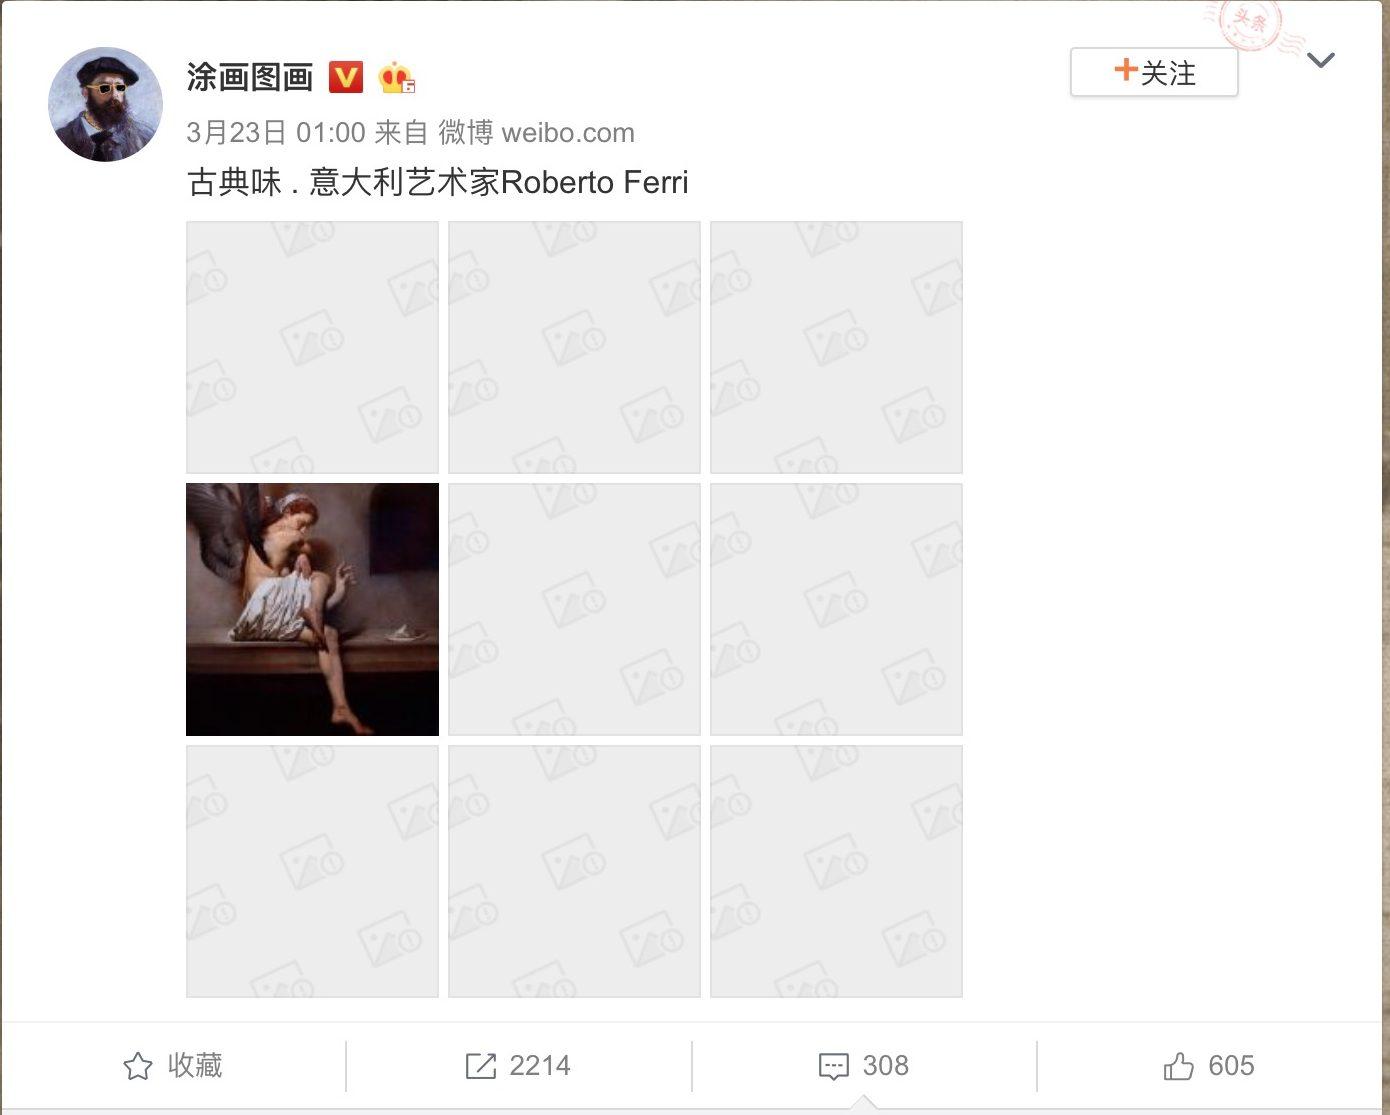 """【图说天朝】""""九宫八挂图"""":微博把名画屏蔽成了刮刮乐"""